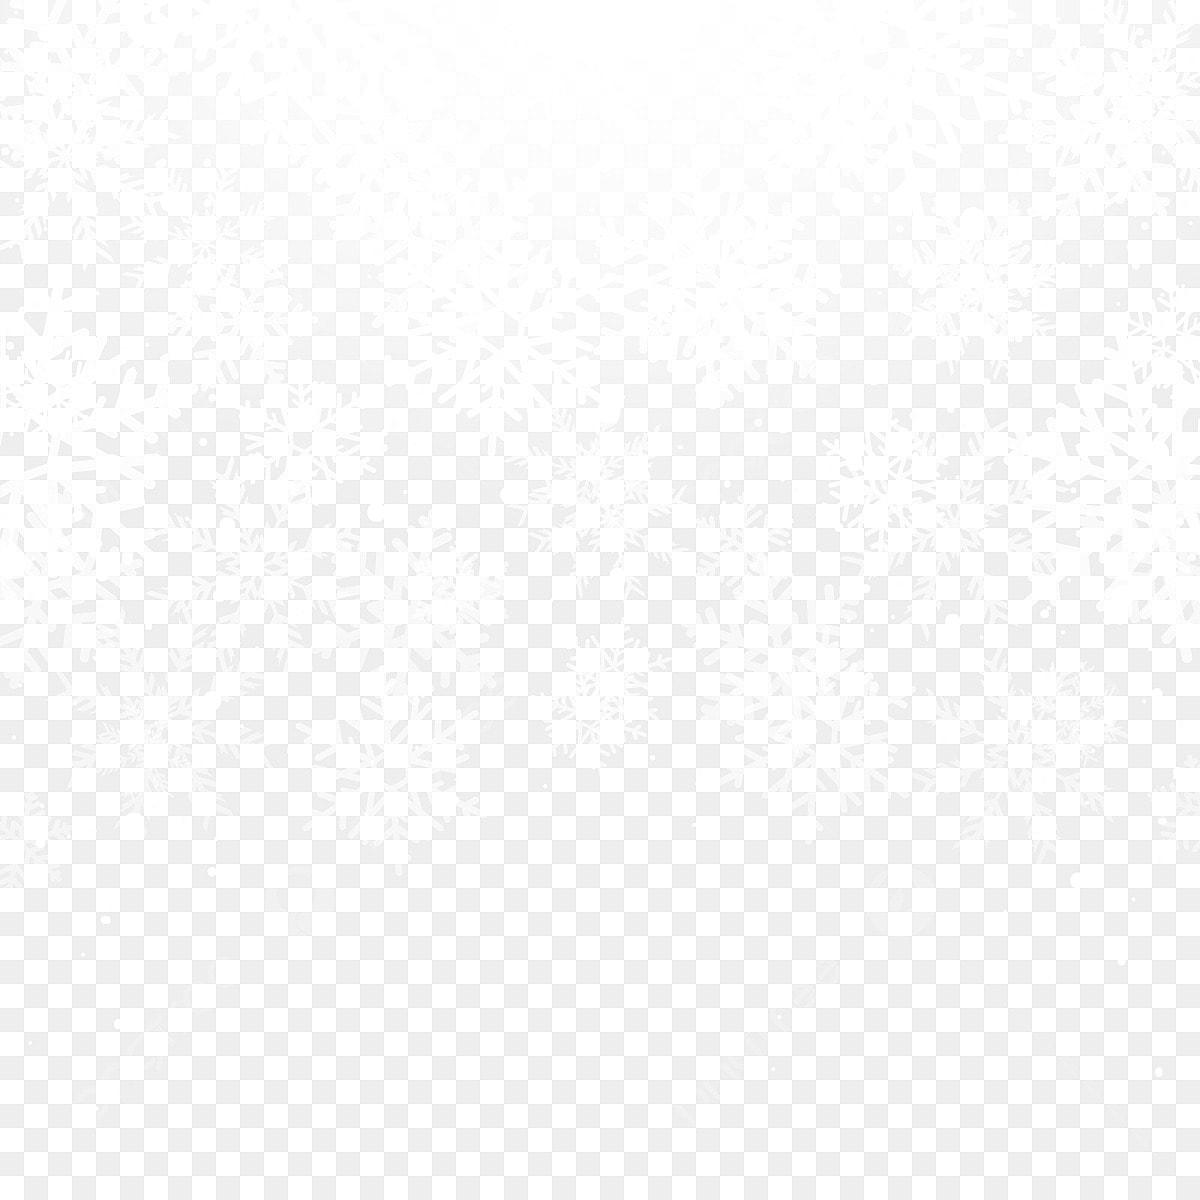 Schone Transparente Schneeeffekte Mit S Und Schneeelementen Schon